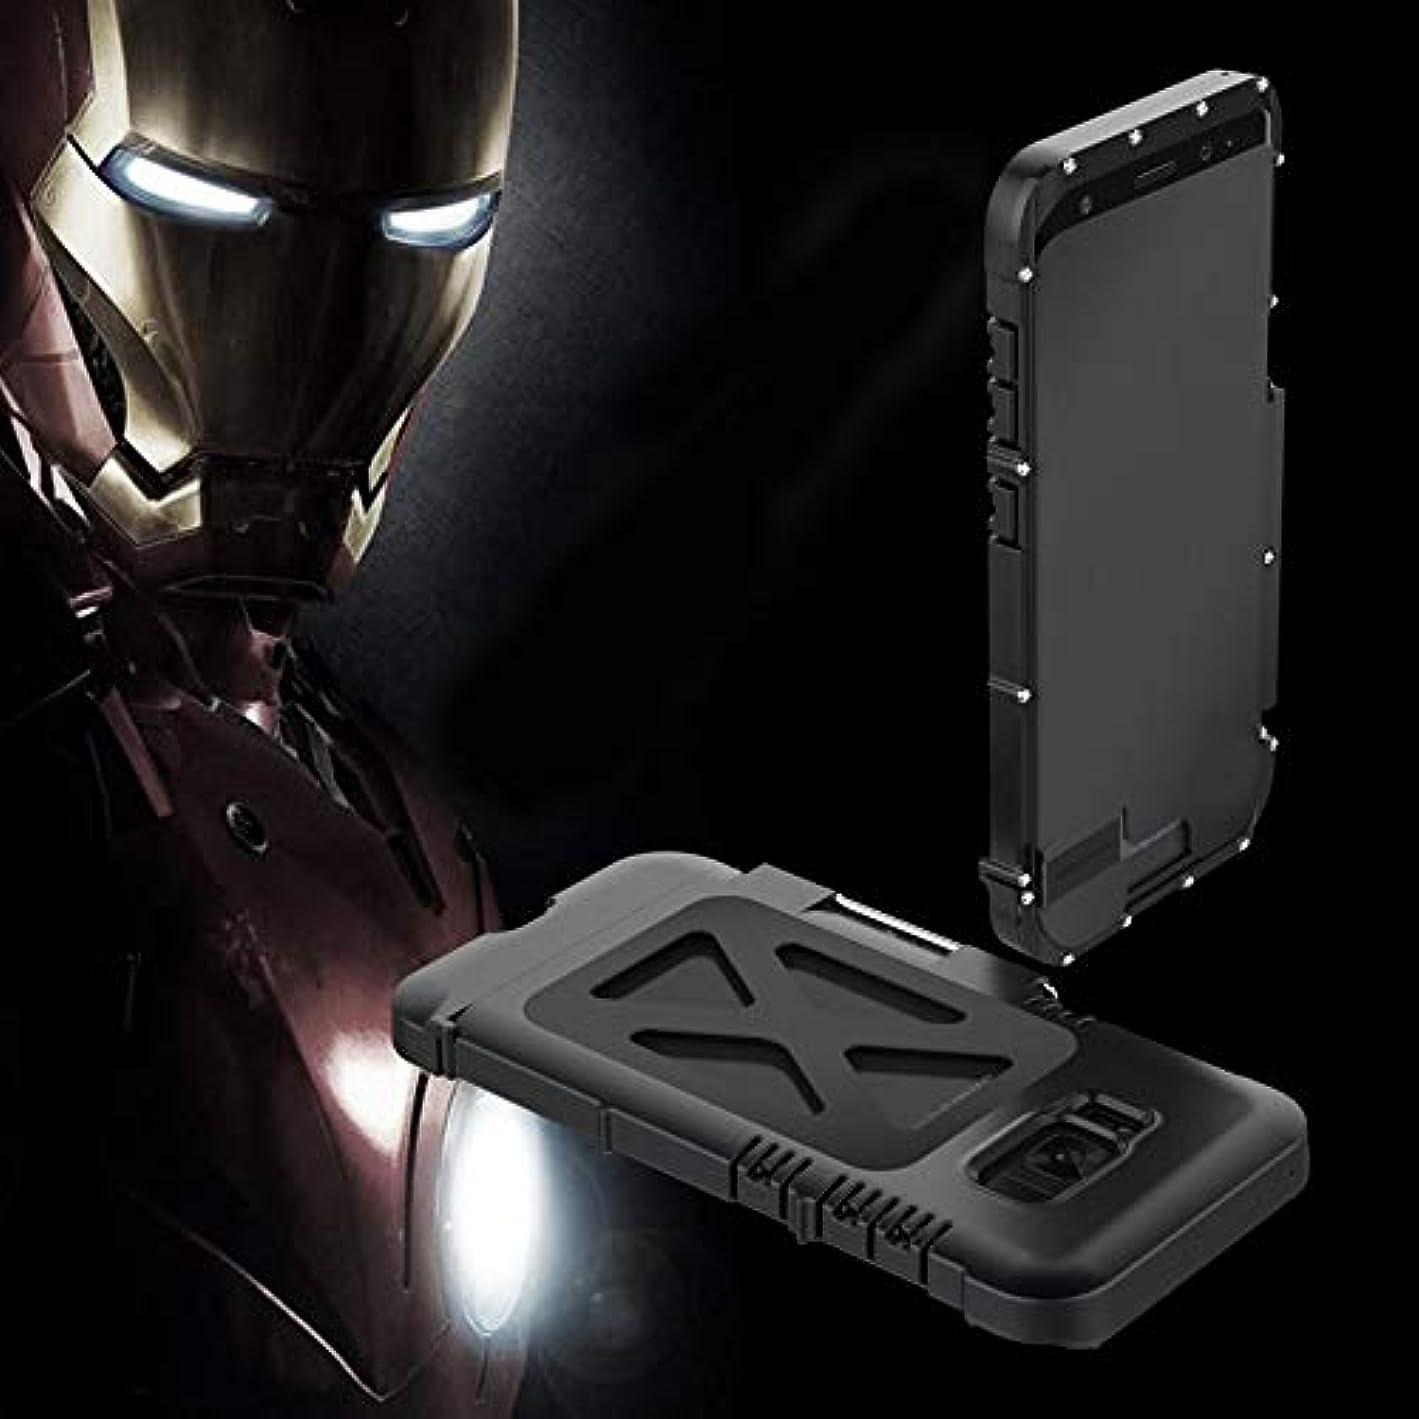 キノコスタック収束Tonglilili 携帯電話ケース、サムスンS5、S6、S6エッジ、S6エッジプラス、S7、S7エッジ、S8、S8、S9、S9用ブラケット落下防止クリエイティブスリーインワンメタルフリップアイアンマン保護携帯電話シェルホーンケースプラス (Color : 黒, Edition : S7)